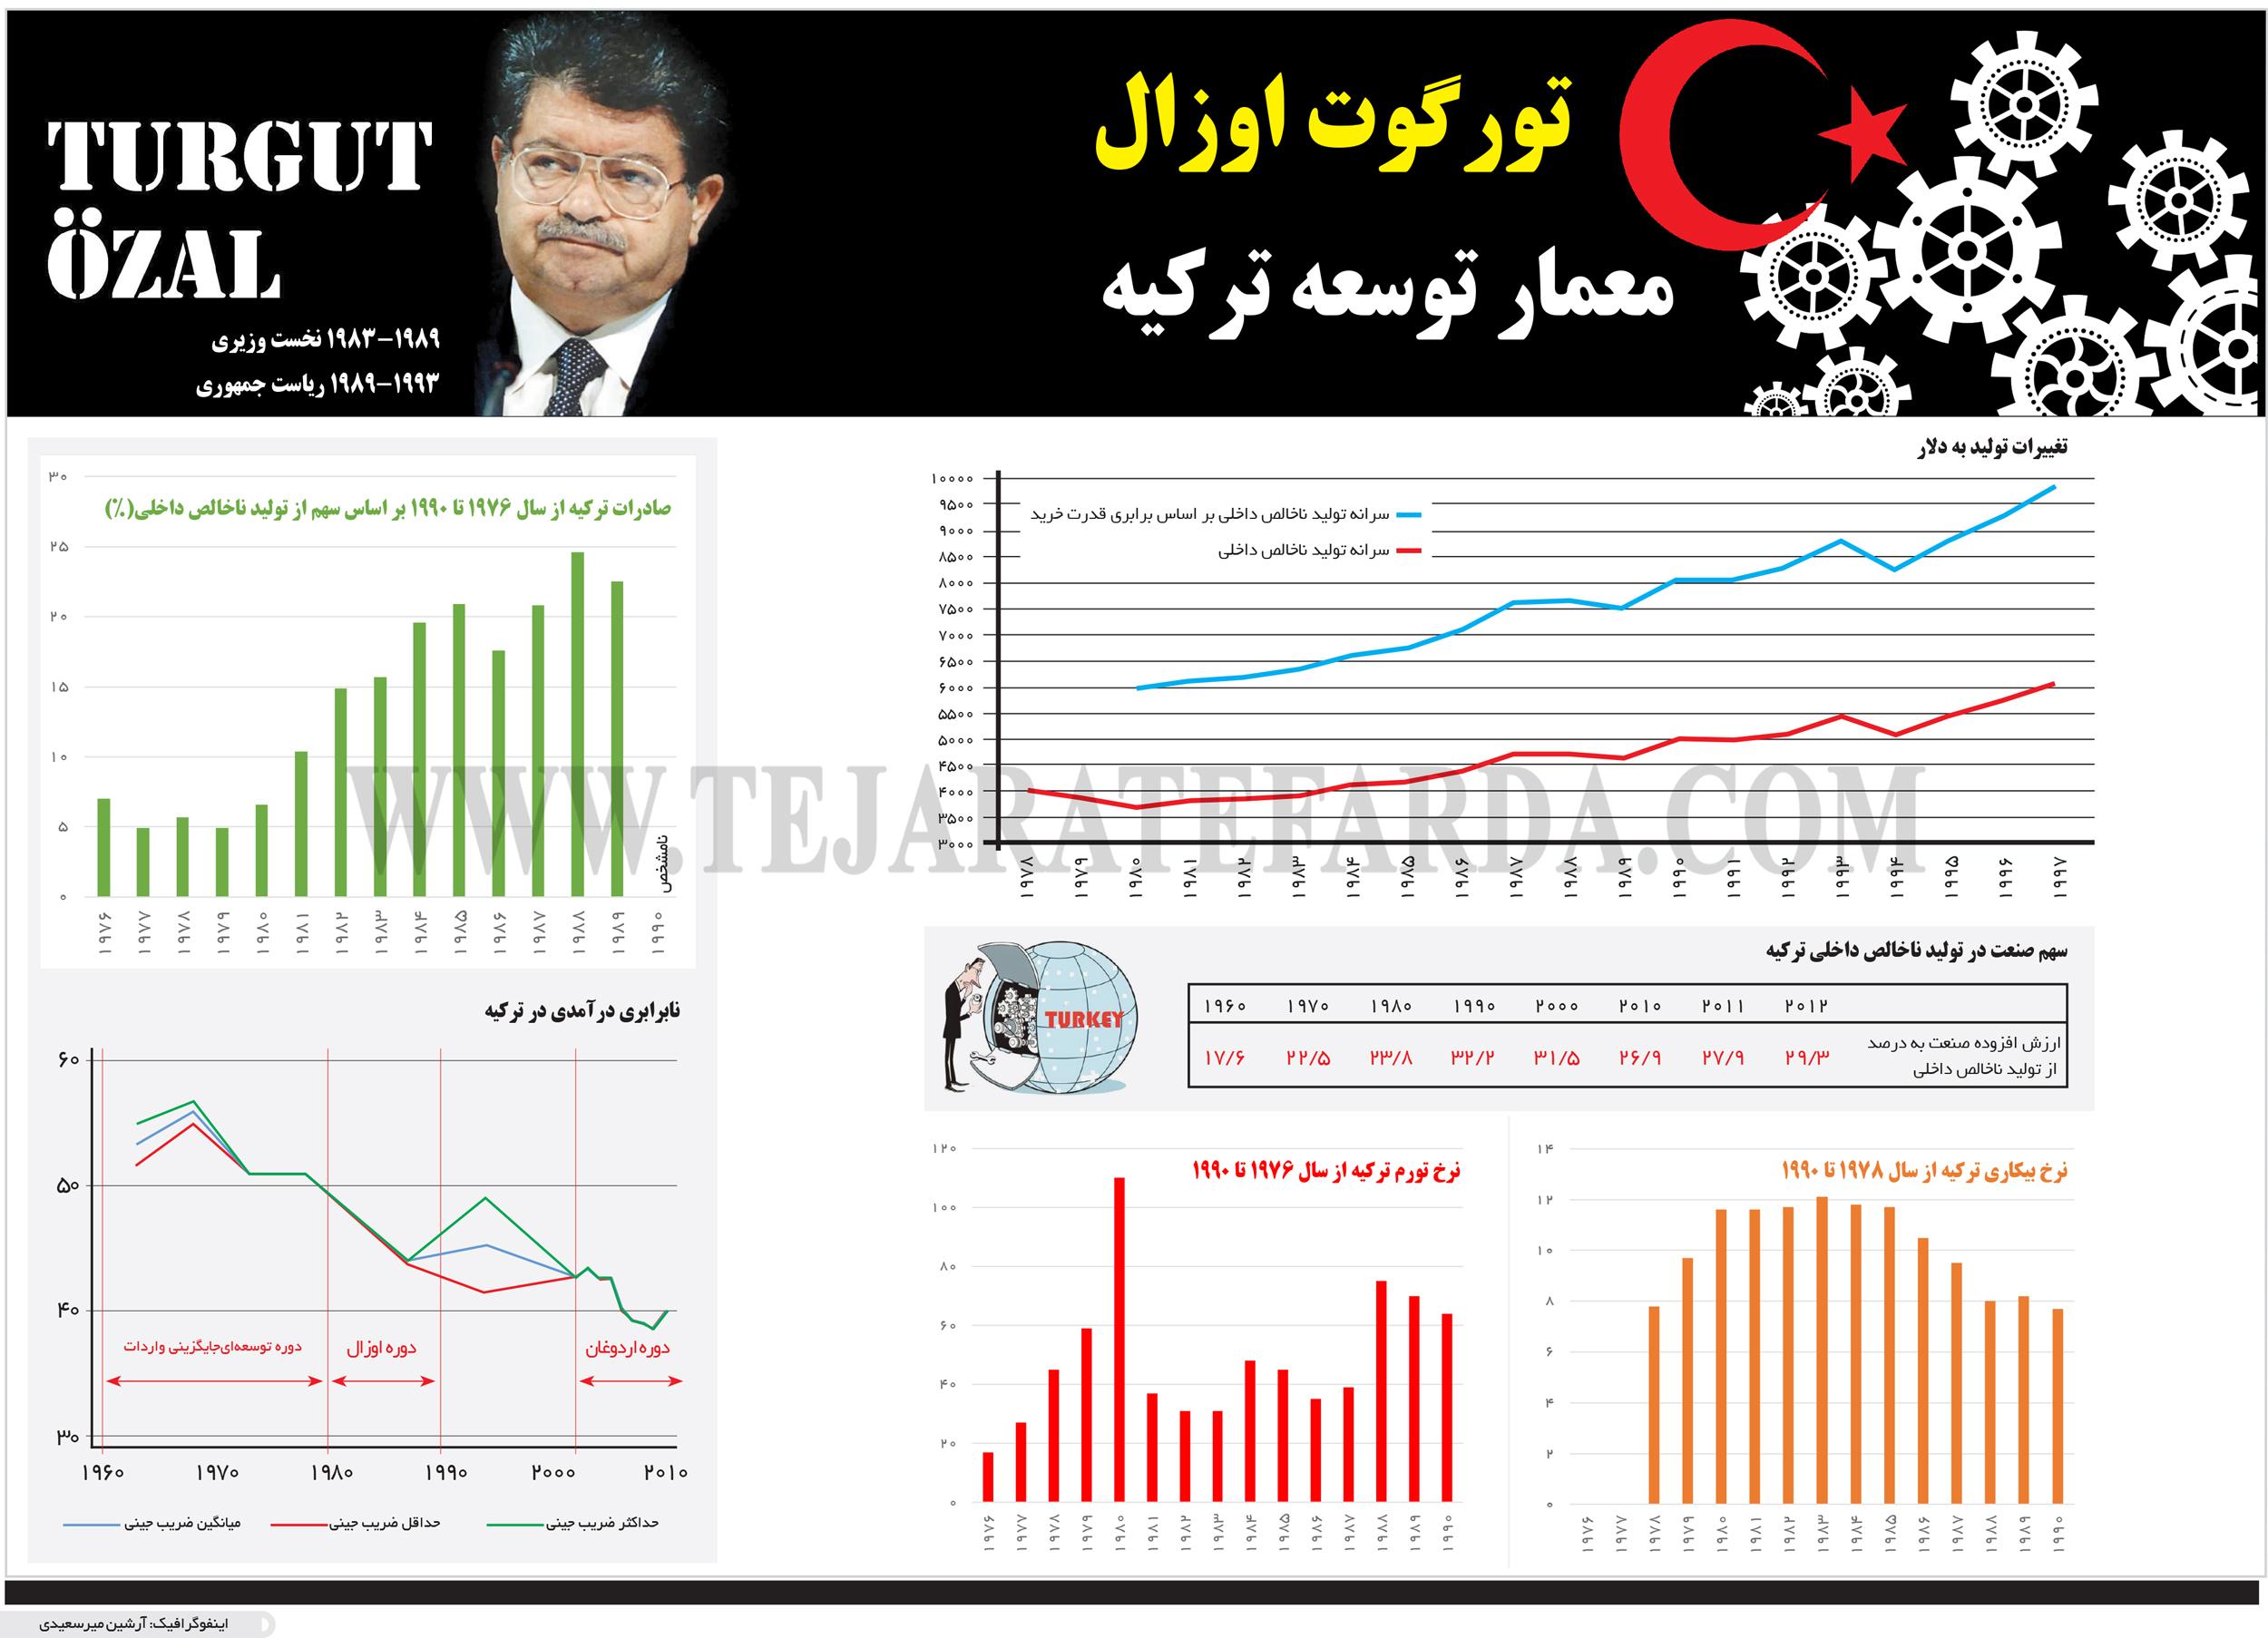 تجارت فردا- اینفوگرافیک- تورگوت اوزال معمار توسعه ترکیه